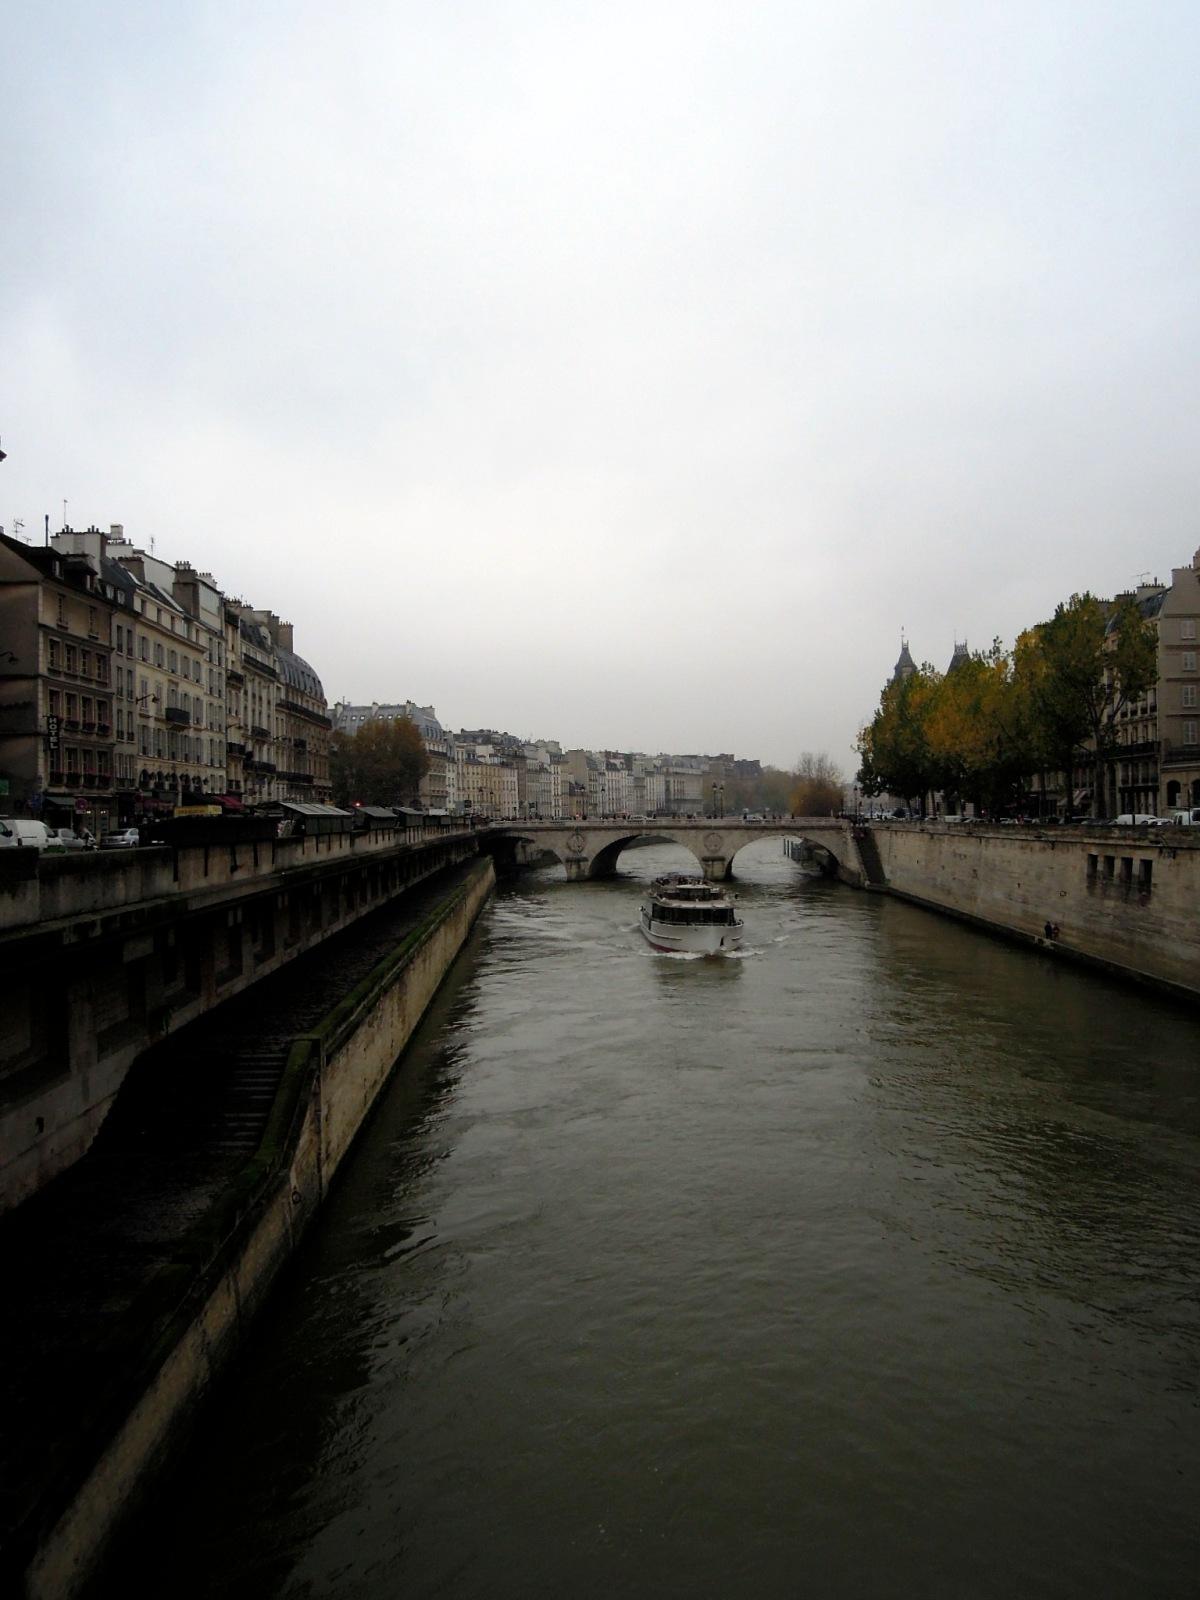 The Seine on an overcast, misty day